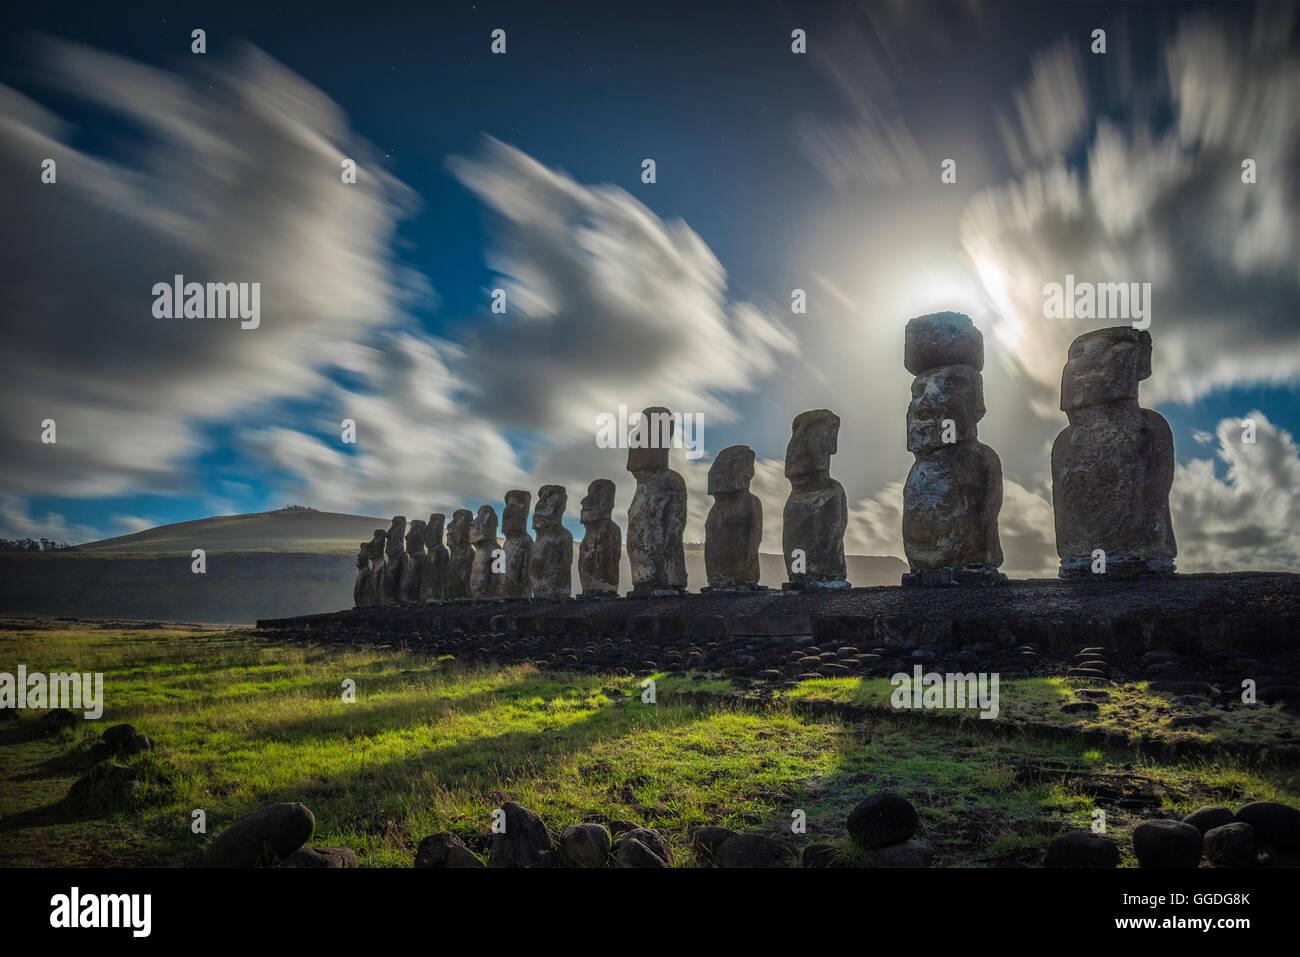 América del Sur; Chile; Isla de Pascua; Rapa Nui; Pacífico Sur; la UNESCO, Patrimonio de la Humanidad Foto de stock